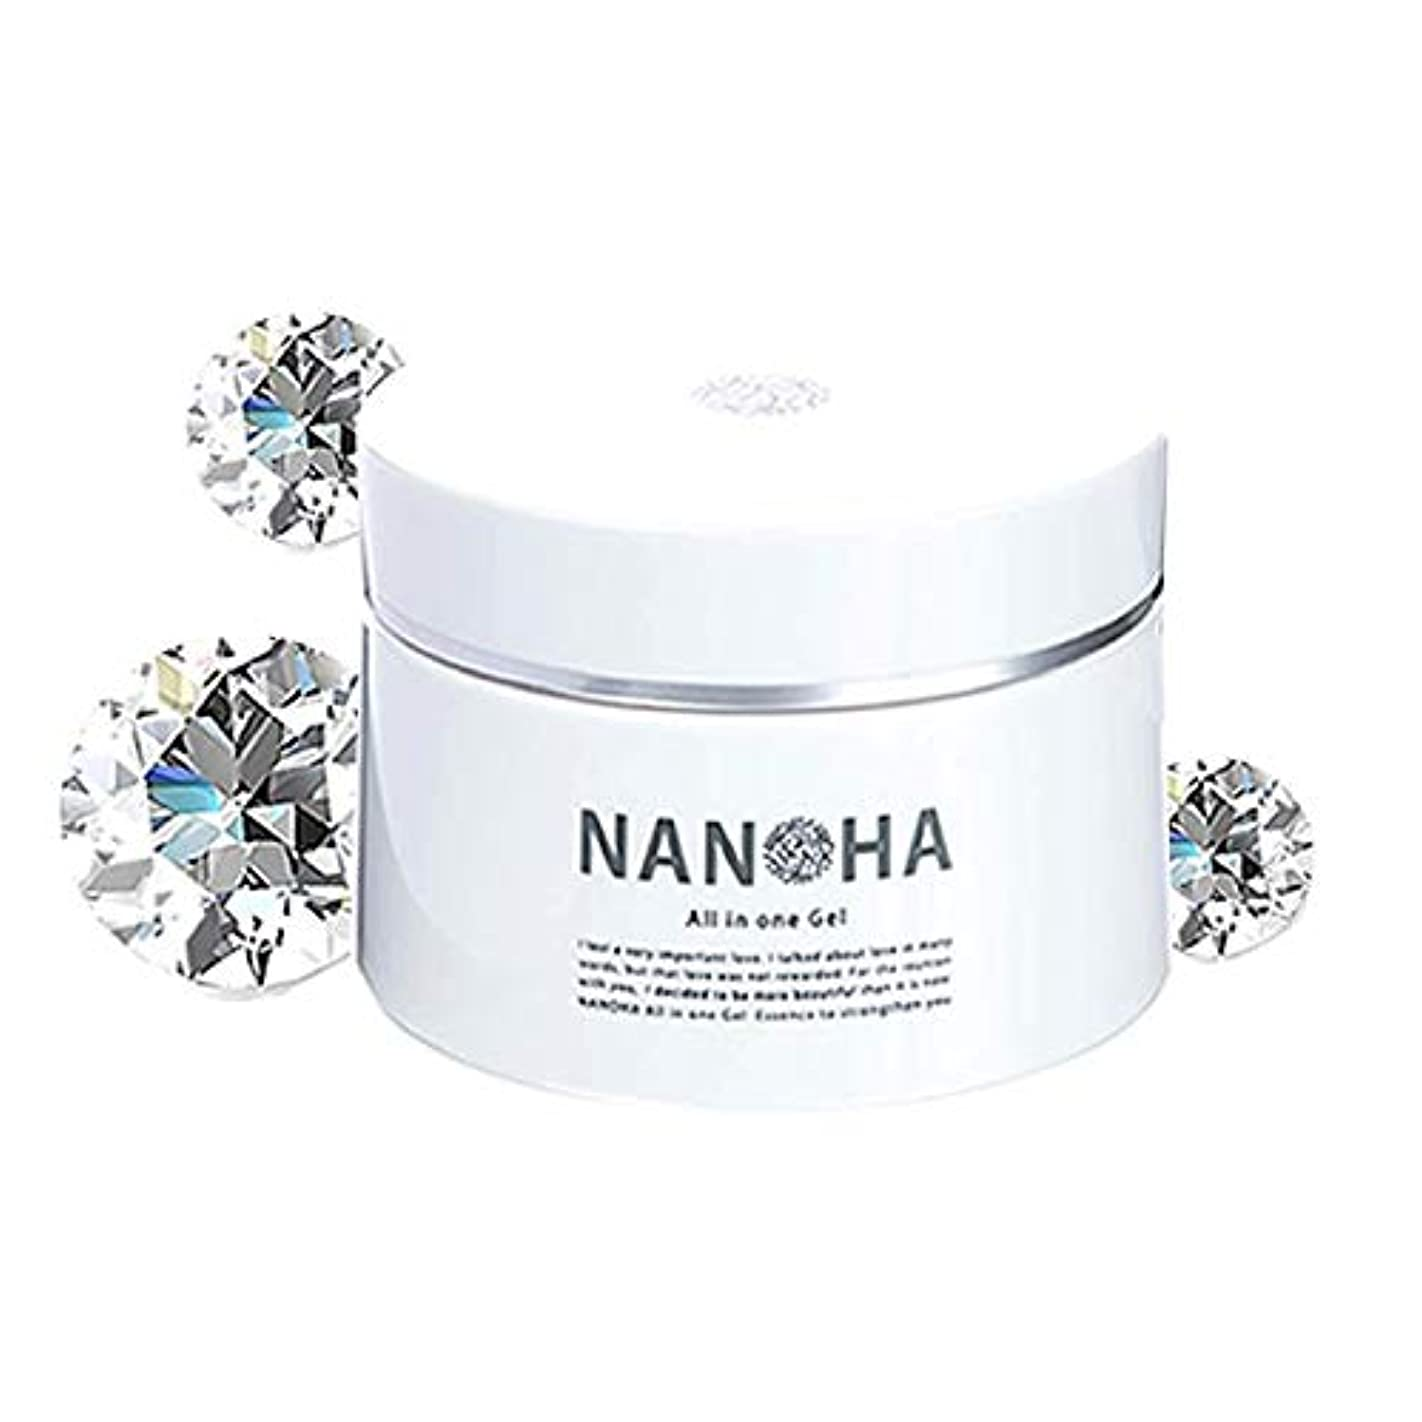 コスチューム改修不健全NANOHA オールインワンジェル ヒト幹細胞 美容 オールインワン ジェル 50g (1個セット)